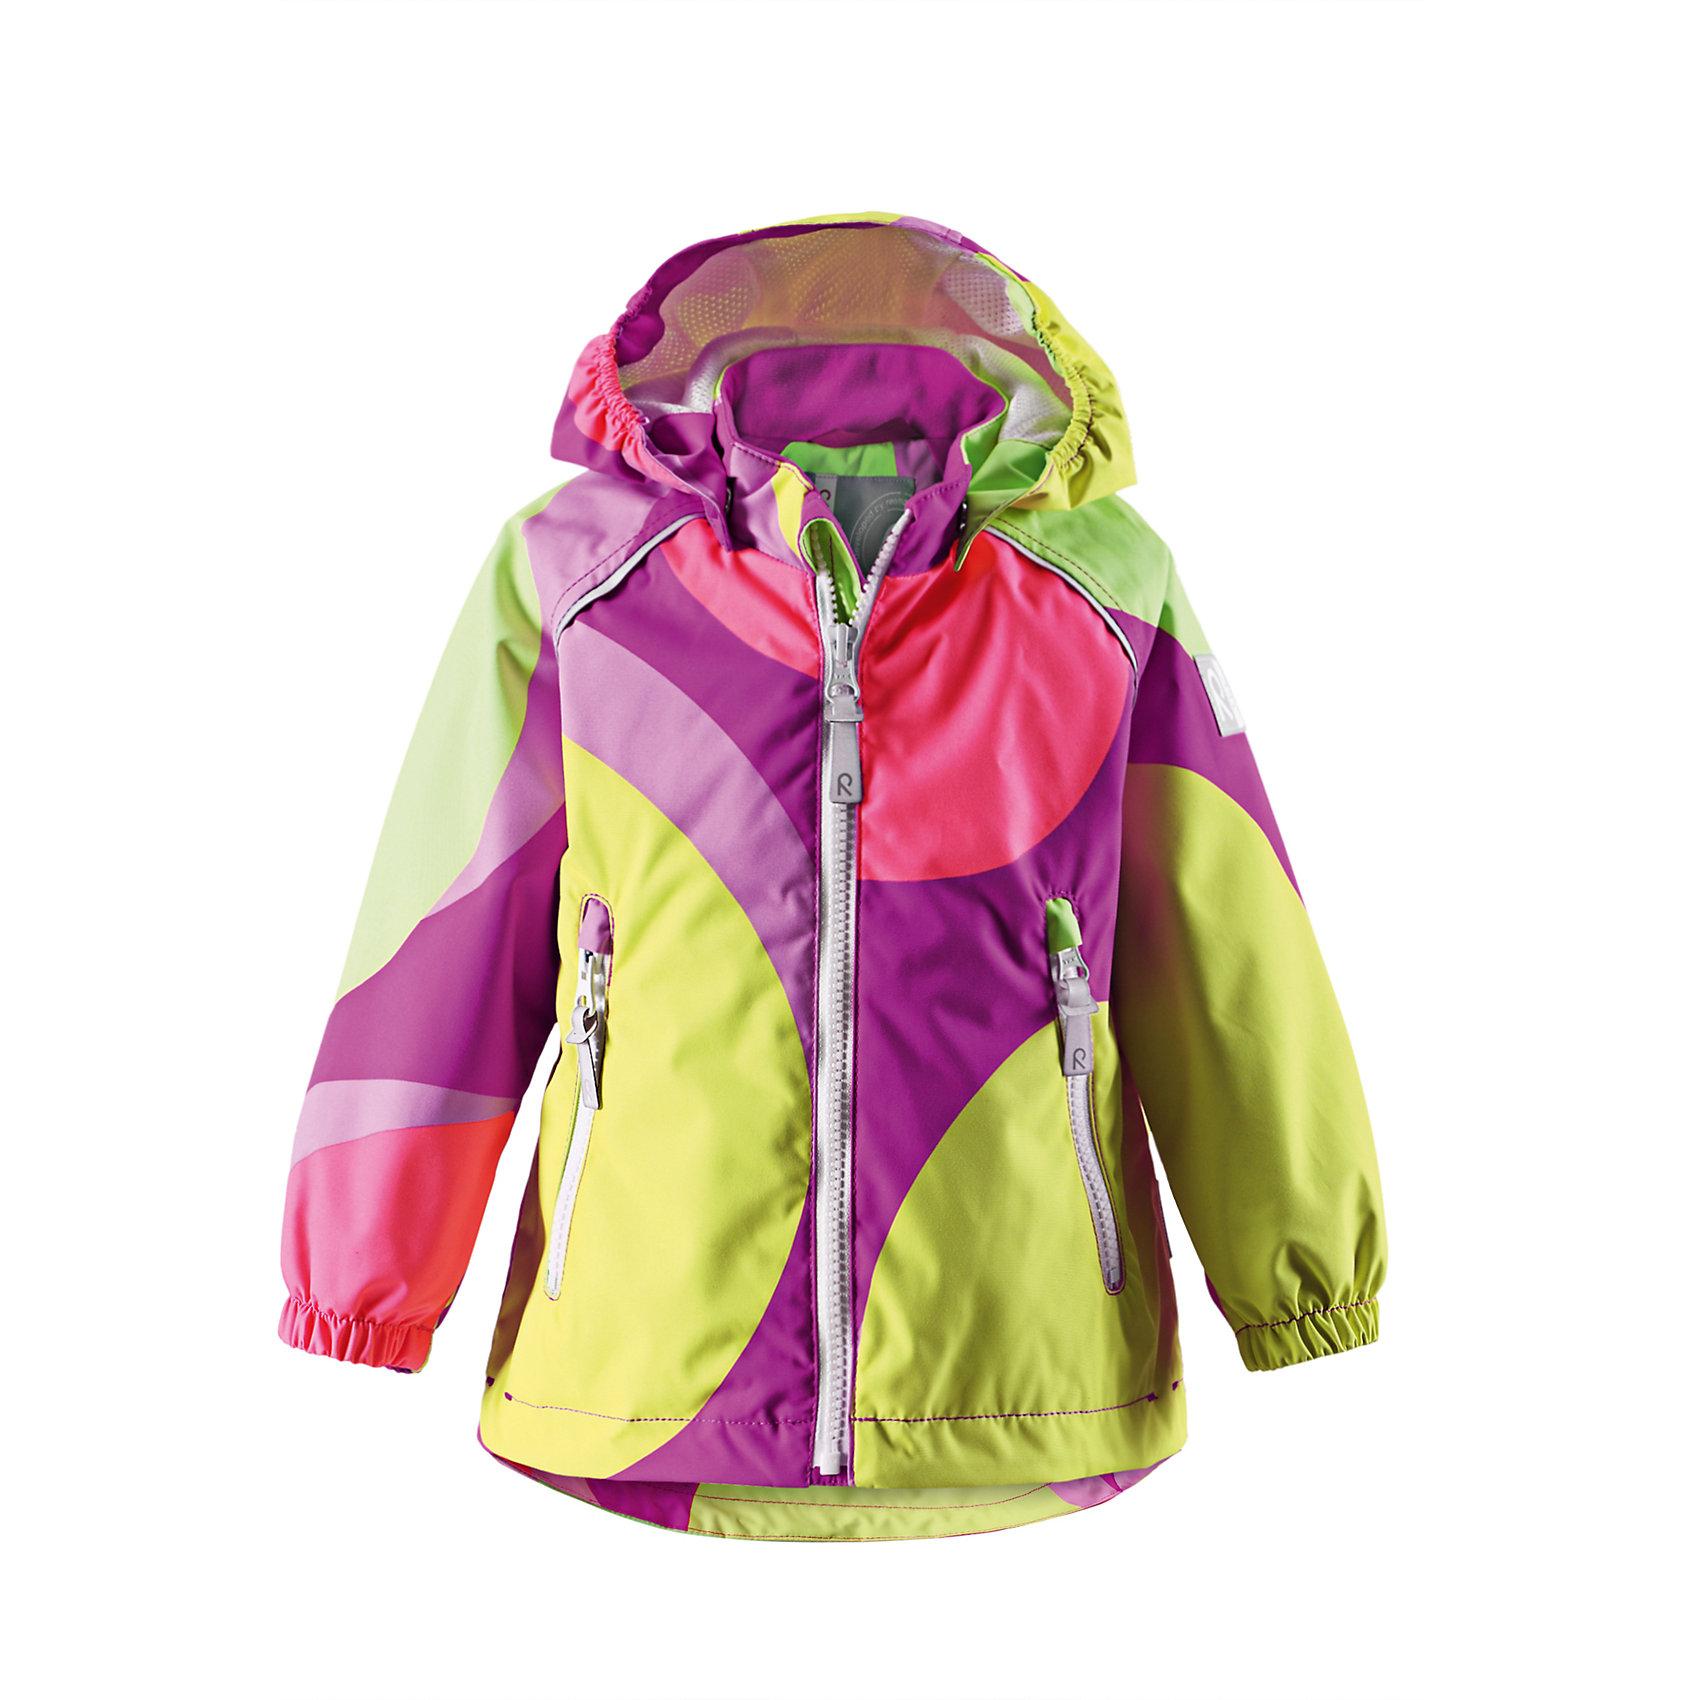 Куртка для девочки Reimatec ReimaВерхняя одежда<br>Продолжим играть! Дождь не будет помехой, если ребенок отправится на прогулку в демисезонной куртке с супер модным принтом из водонепроницаемого, и при этом дышащего материала. Обратите внимание, что с удобной системой кнопочных застежек Play Layers® можно легко пристегнуть к куртке несколько слоев Reima® для создания дополнительного тепла и комфорта в холодные дни. Эта куртка для малышей «дышит» весенним воздухом благодаря удобной сетчатой подкладке. Съемный капюшон и светоотражающие детали обеспечивают дополнительную безопасность во время веселого времяпровождения на открытом воздухе. <br><br>Дополнительная информация:<br><br>Куртка демисезонная для малышей<br>Водонепроницаемость: 15000 мм<br>Все швы проклеены и водонепроницаемы<br>Водо- и ветронепроницаемый, «дышащий» и грязеотталкивающий материал<br>Подкладка из mesh-сетки<br>Регулируемый подол<br>Два кармана на молнии<br>Безопасные светоотражающие детали<br>Состав:<br>100% ПЭ, ПУ-покрытие<br>Уход:<br>Стирать по отдельности, вывернув наизнанку. Застегнуть молнии и липучки. Стирать моющим средством, не содержащим отбеливающие вещества. Полоскать без специального средства. Во избежание изменения цвета изделие необходимо вынуть из стиральной машинки незамедлительно после окончания программы стирки. Можно сушить в сушильном шкафу или центрифуге (макс. 40° C).<br><br>Ширина мм: 356<br>Глубина мм: 10<br>Высота мм: 245<br>Вес г: 519<br>Цвет: розовый<br>Возраст от месяцев: 18<br>Возраст до месяцев: 24<br>Пол: Женский<br>Возраст: Детский<br>Размер: 92,98,80,74,86<br>SKU: 4497129